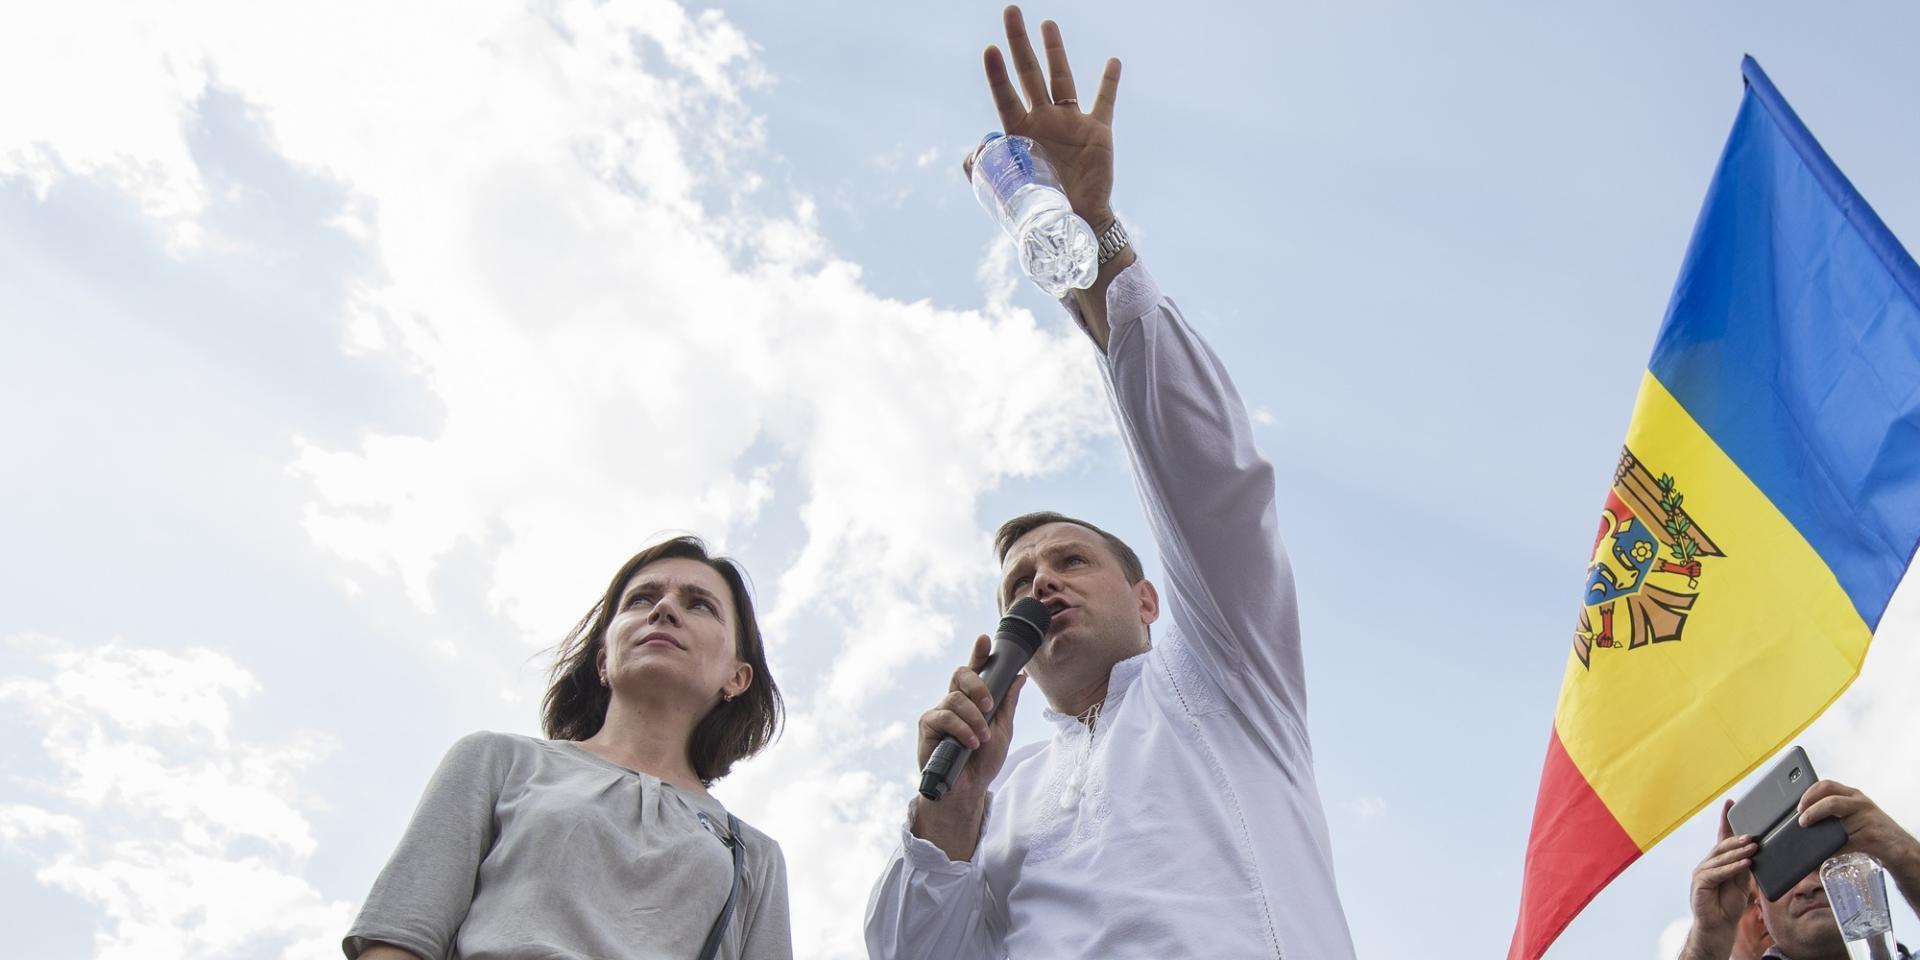 Lidera PAS Maia Sandu și cel al PPDA, Andrei Năstase, la un protest din PMAN din Chișinău